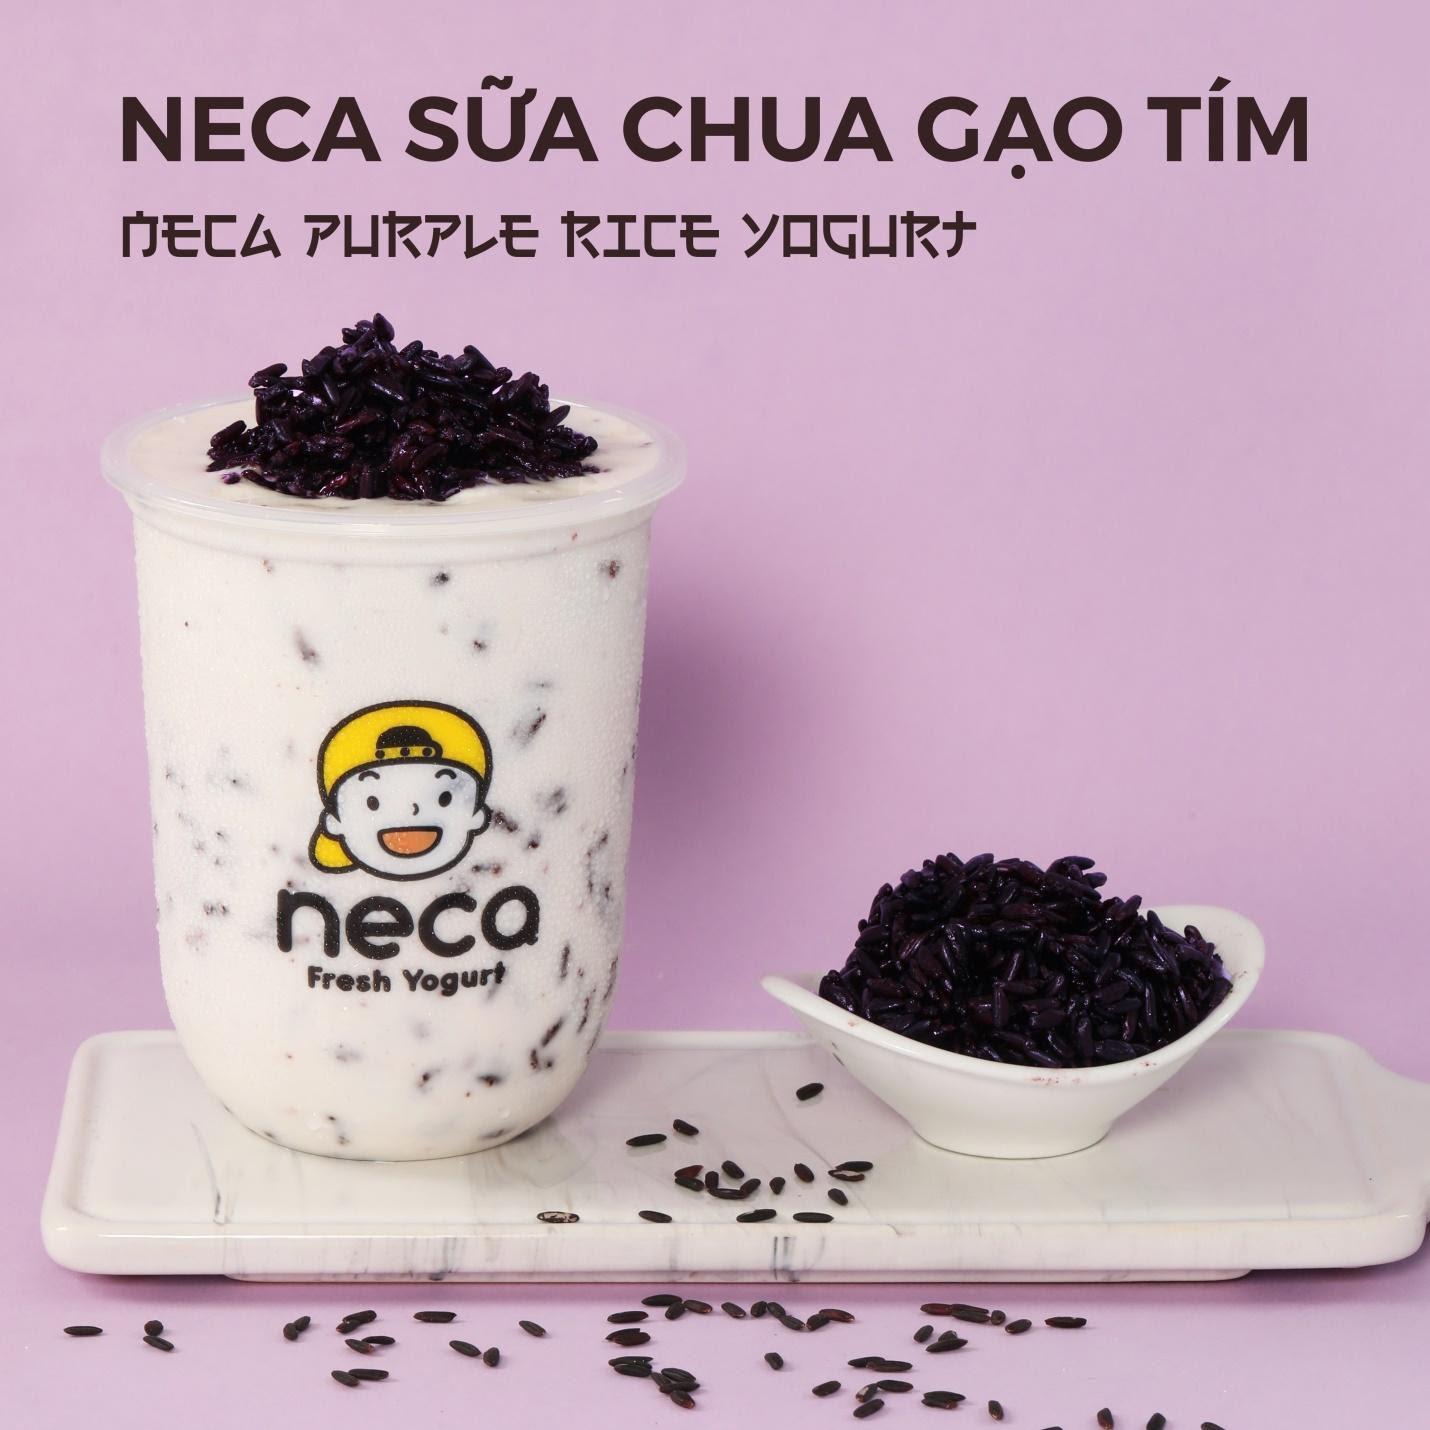 Món đồ uống cực hot ở nước ngoài sắp du nhập về Việt Nam, bạn đã sẵn sàng chưa? - Ảnh 1.